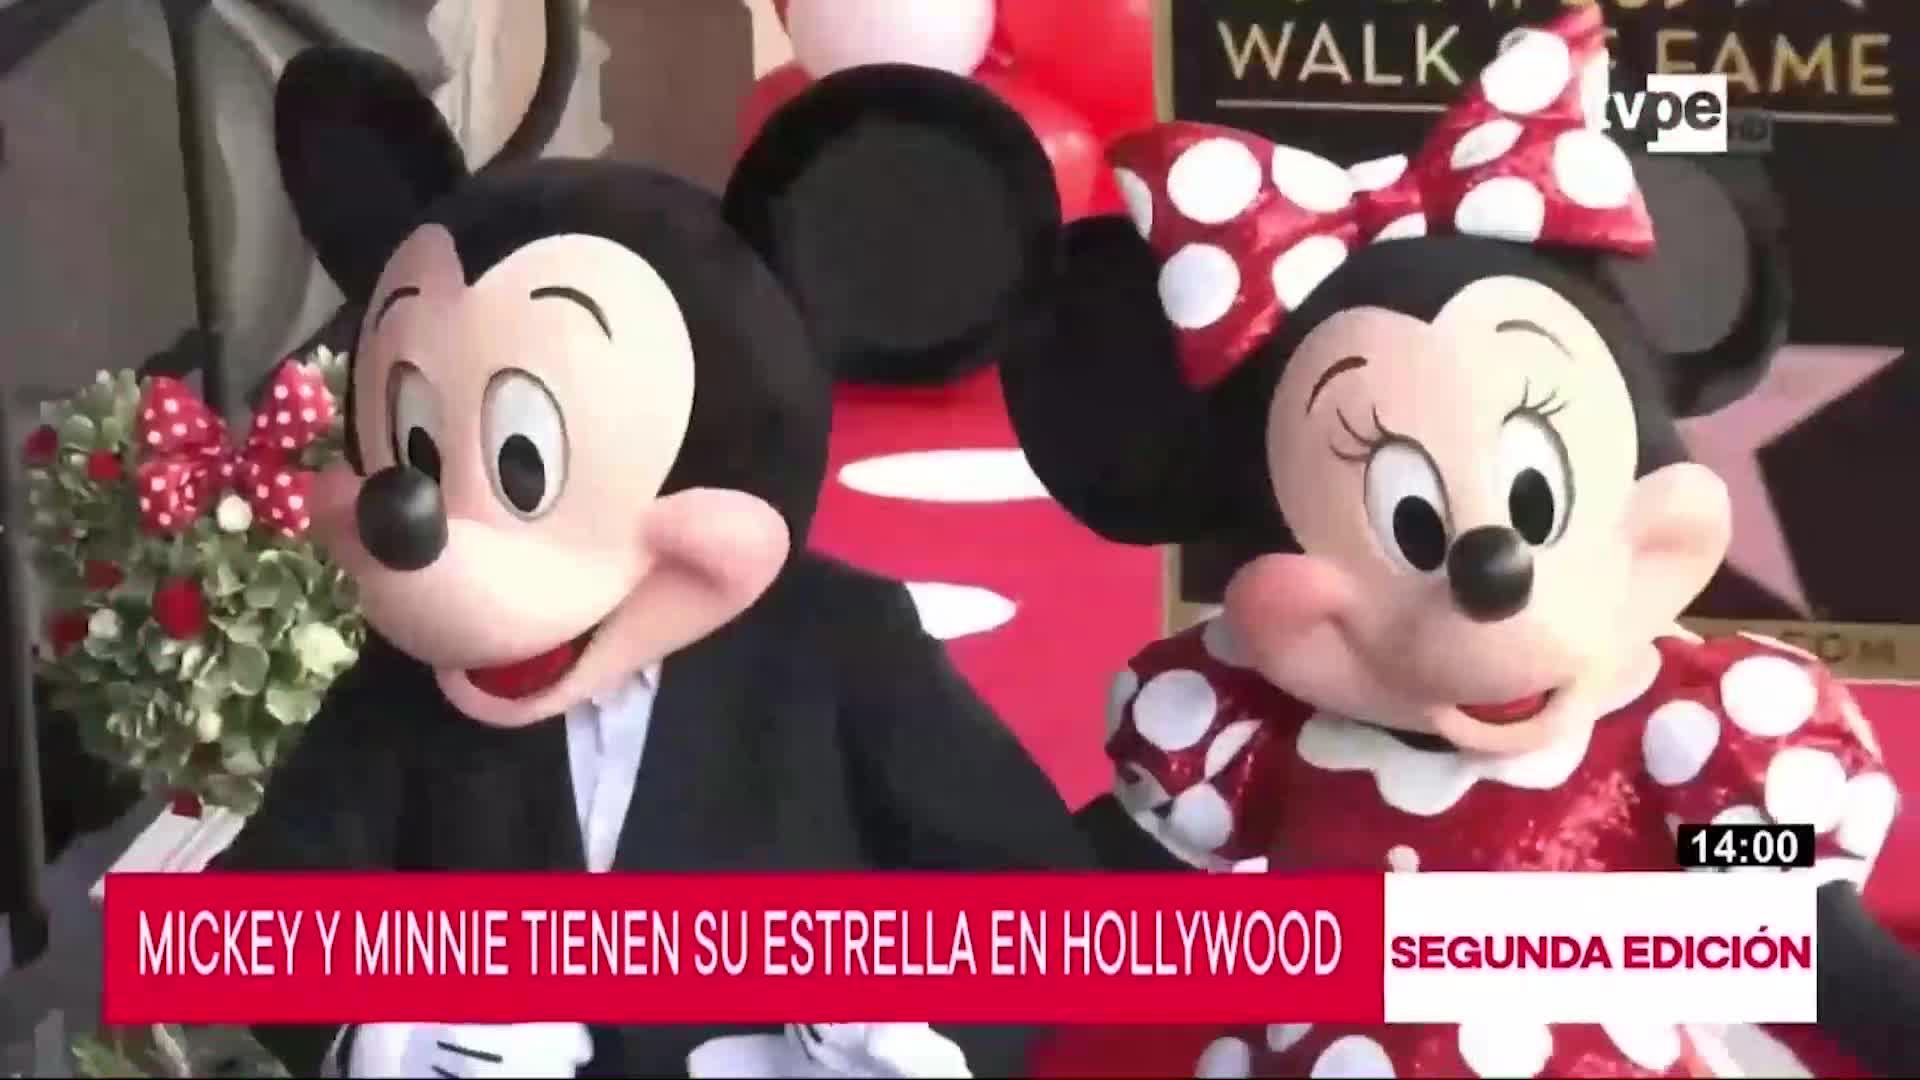 Mickey y Minnie Mouse cumplen 91 años